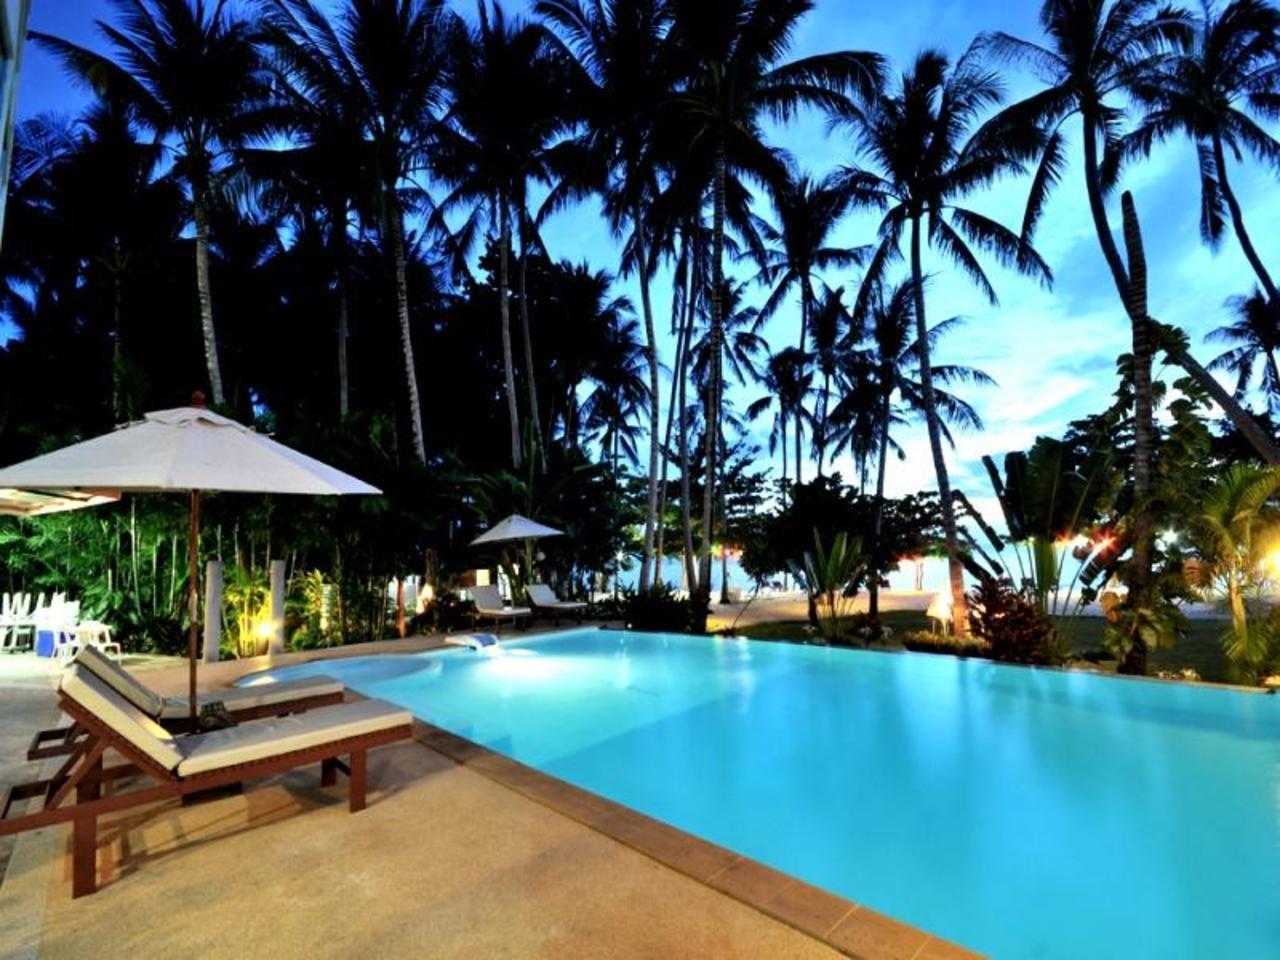 โรงแรมแกรนด์ซีวิว รีซอร์เทล (Grand Sea View Resotel Hotel)